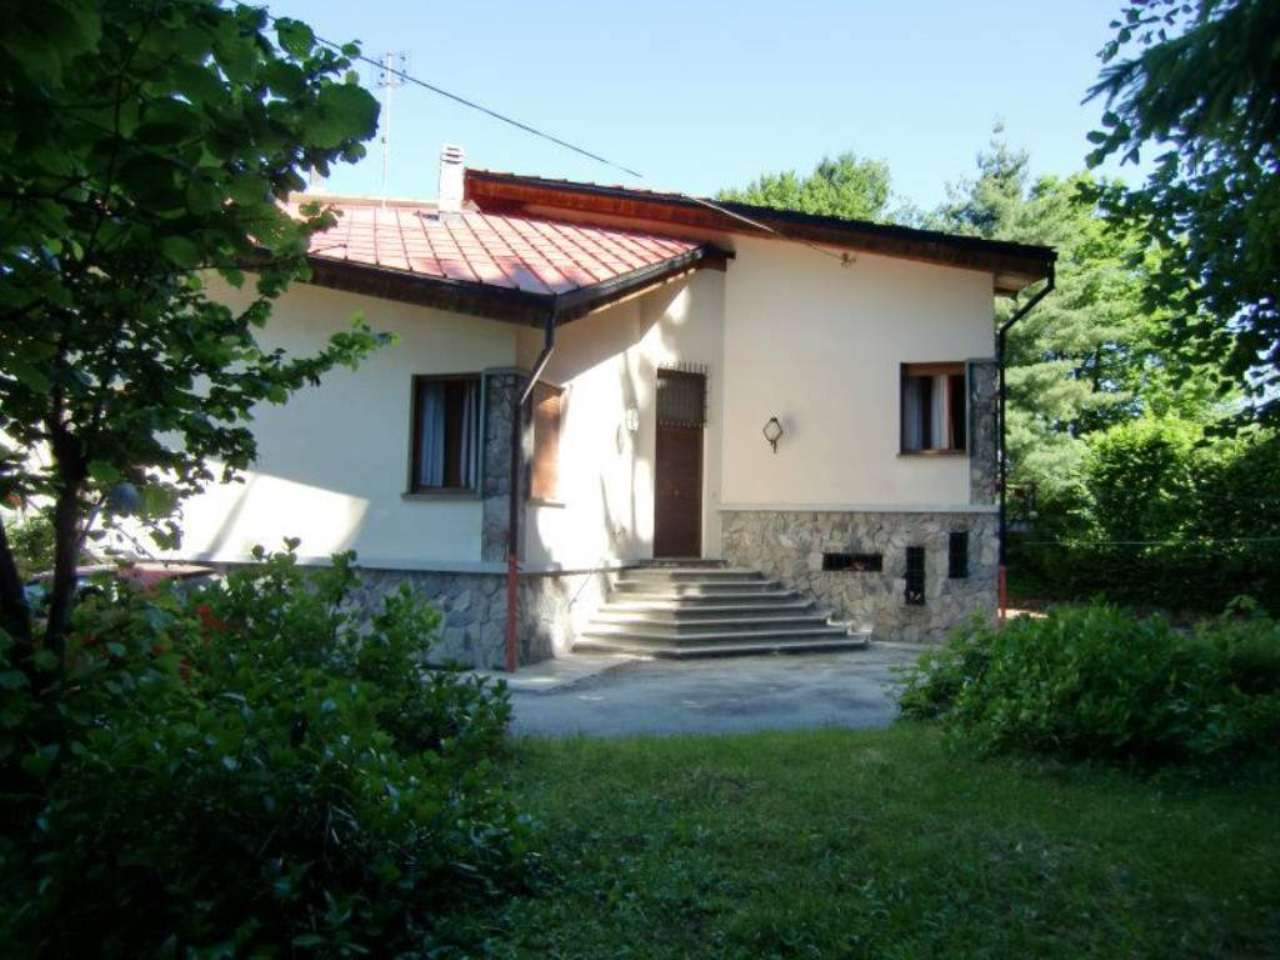 Villa in vendita a Roburent, 7 locali, prezzo € 275.000 | Cambio Casa.it